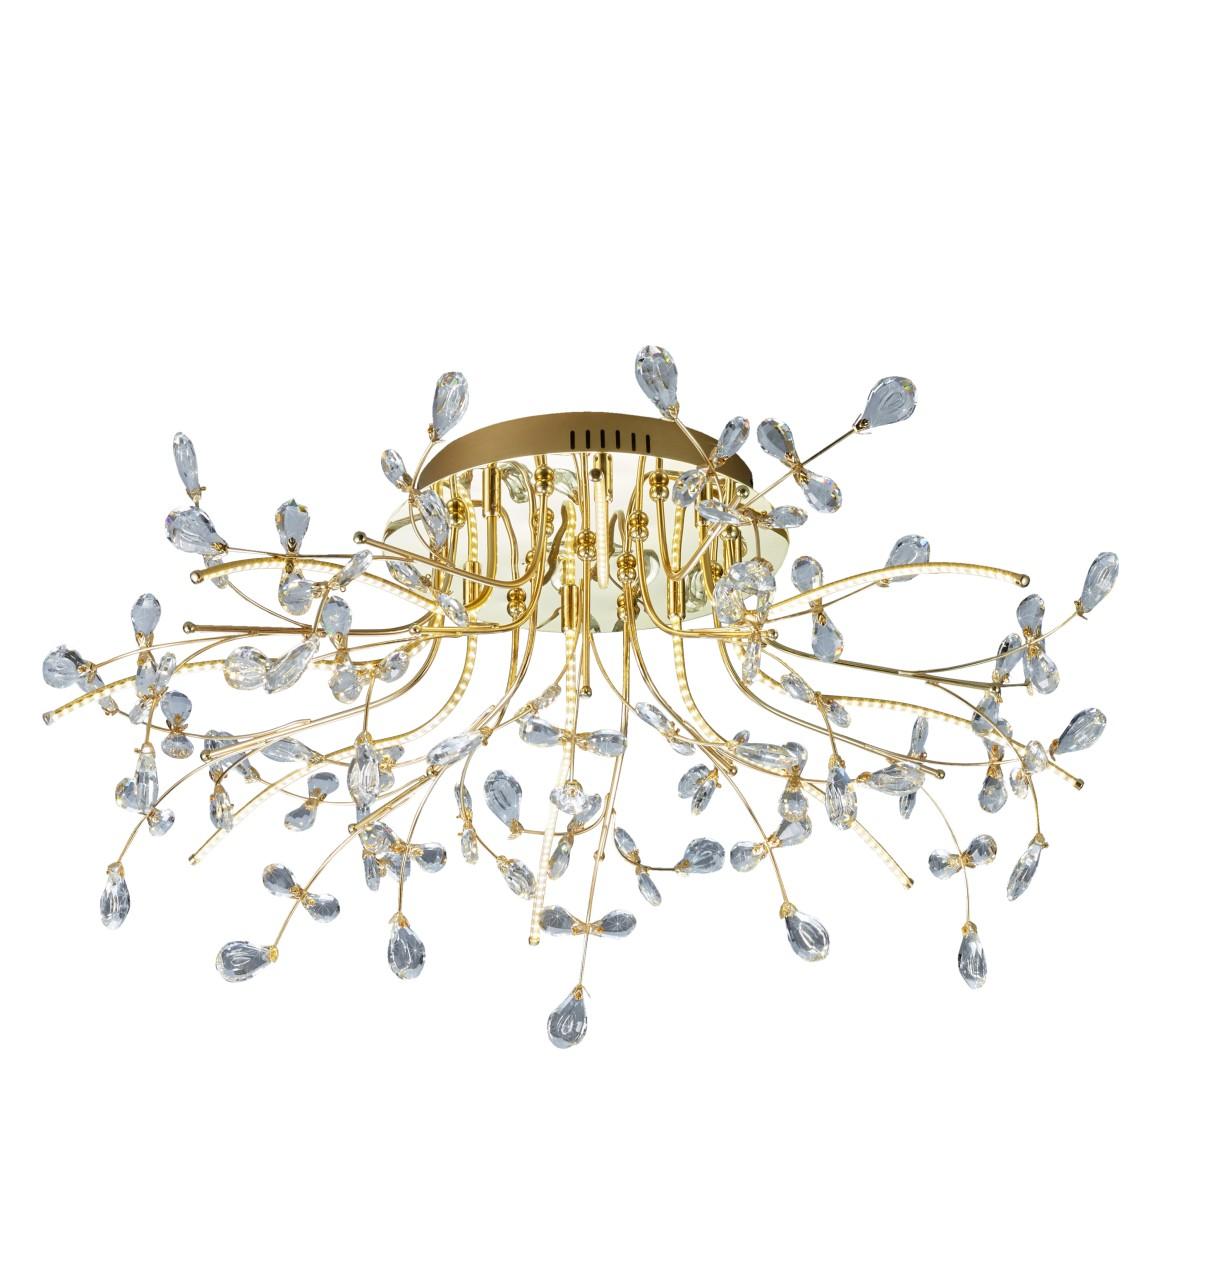 B-Leuchten Crystal LED Deckenleuchte, Ø: 77 cm, Messing blank